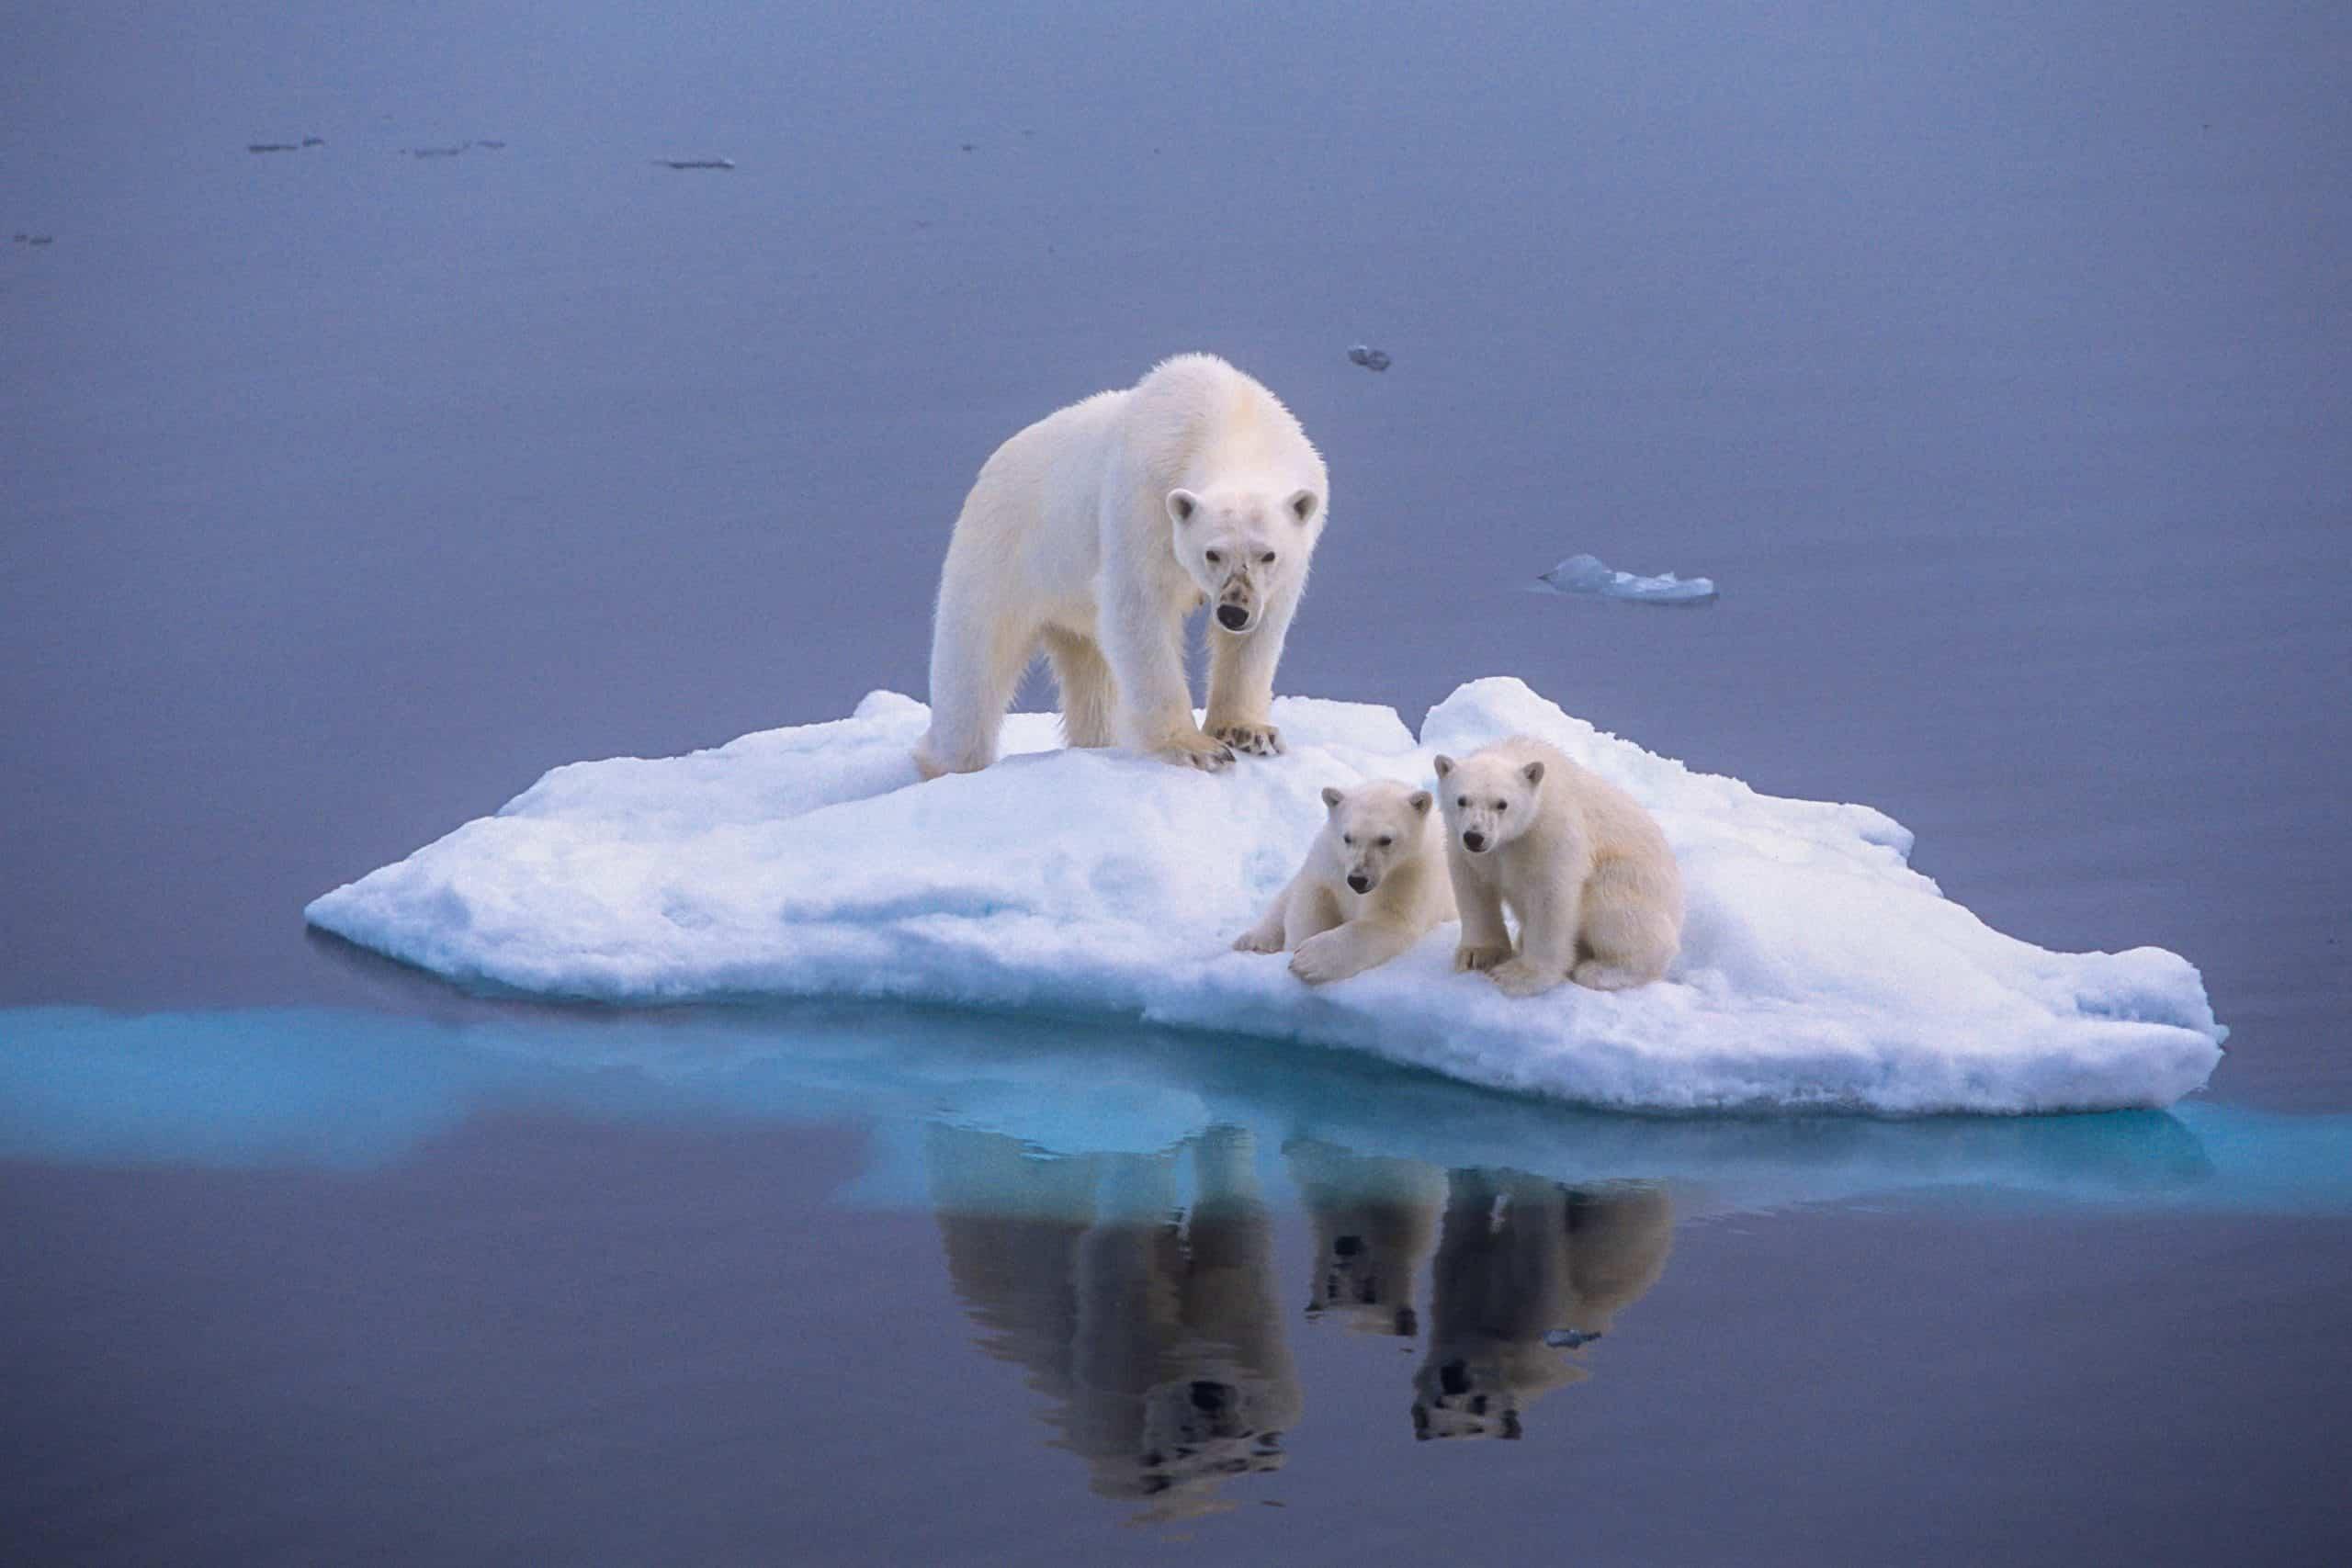 Keep them on ice